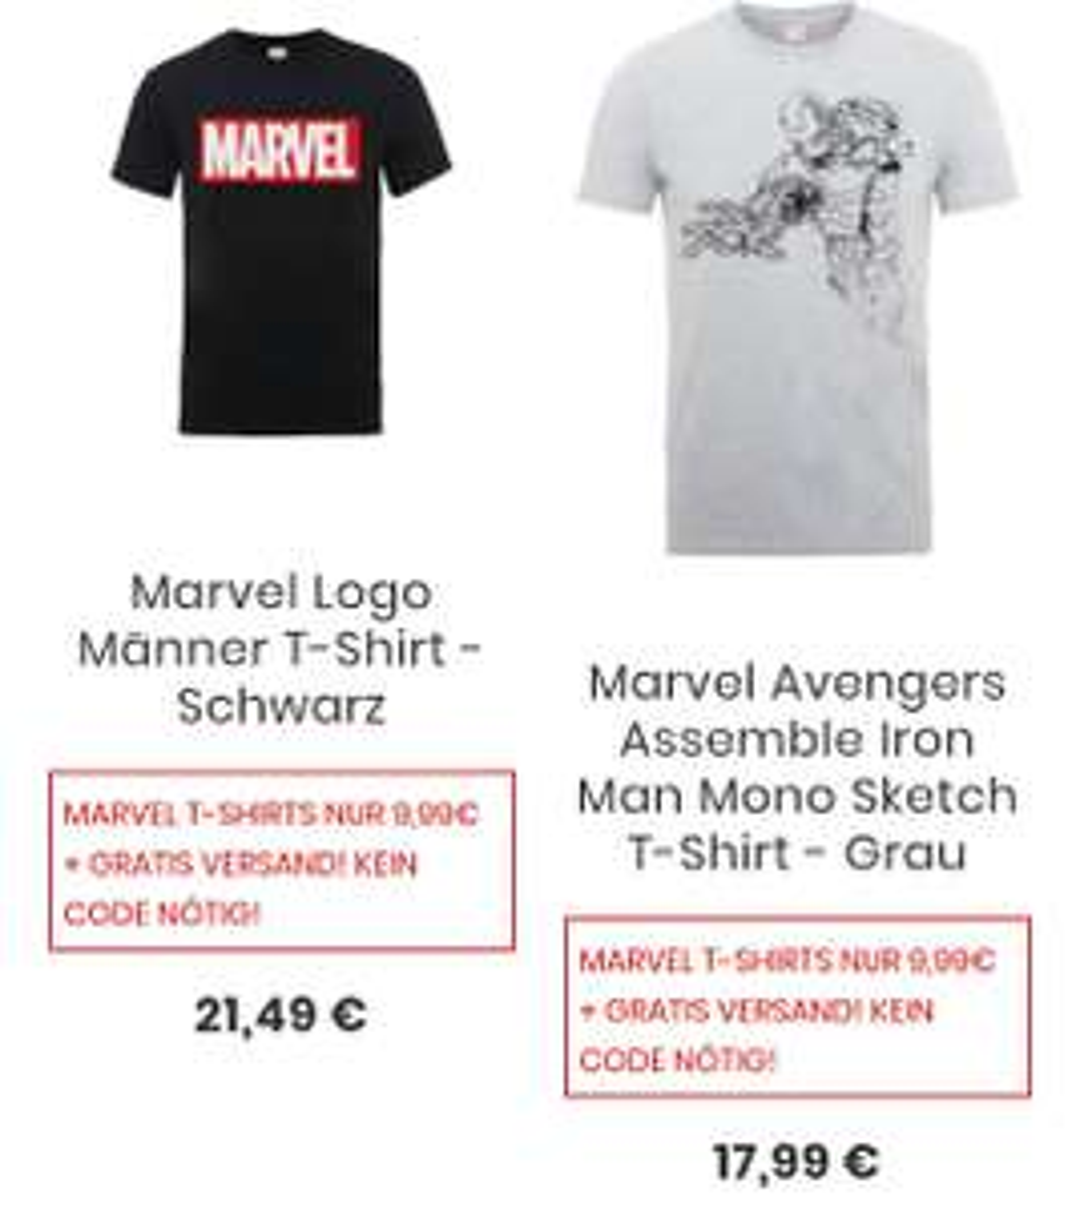 Marvel T-Shirts für 9,99 +kostenloser Versand